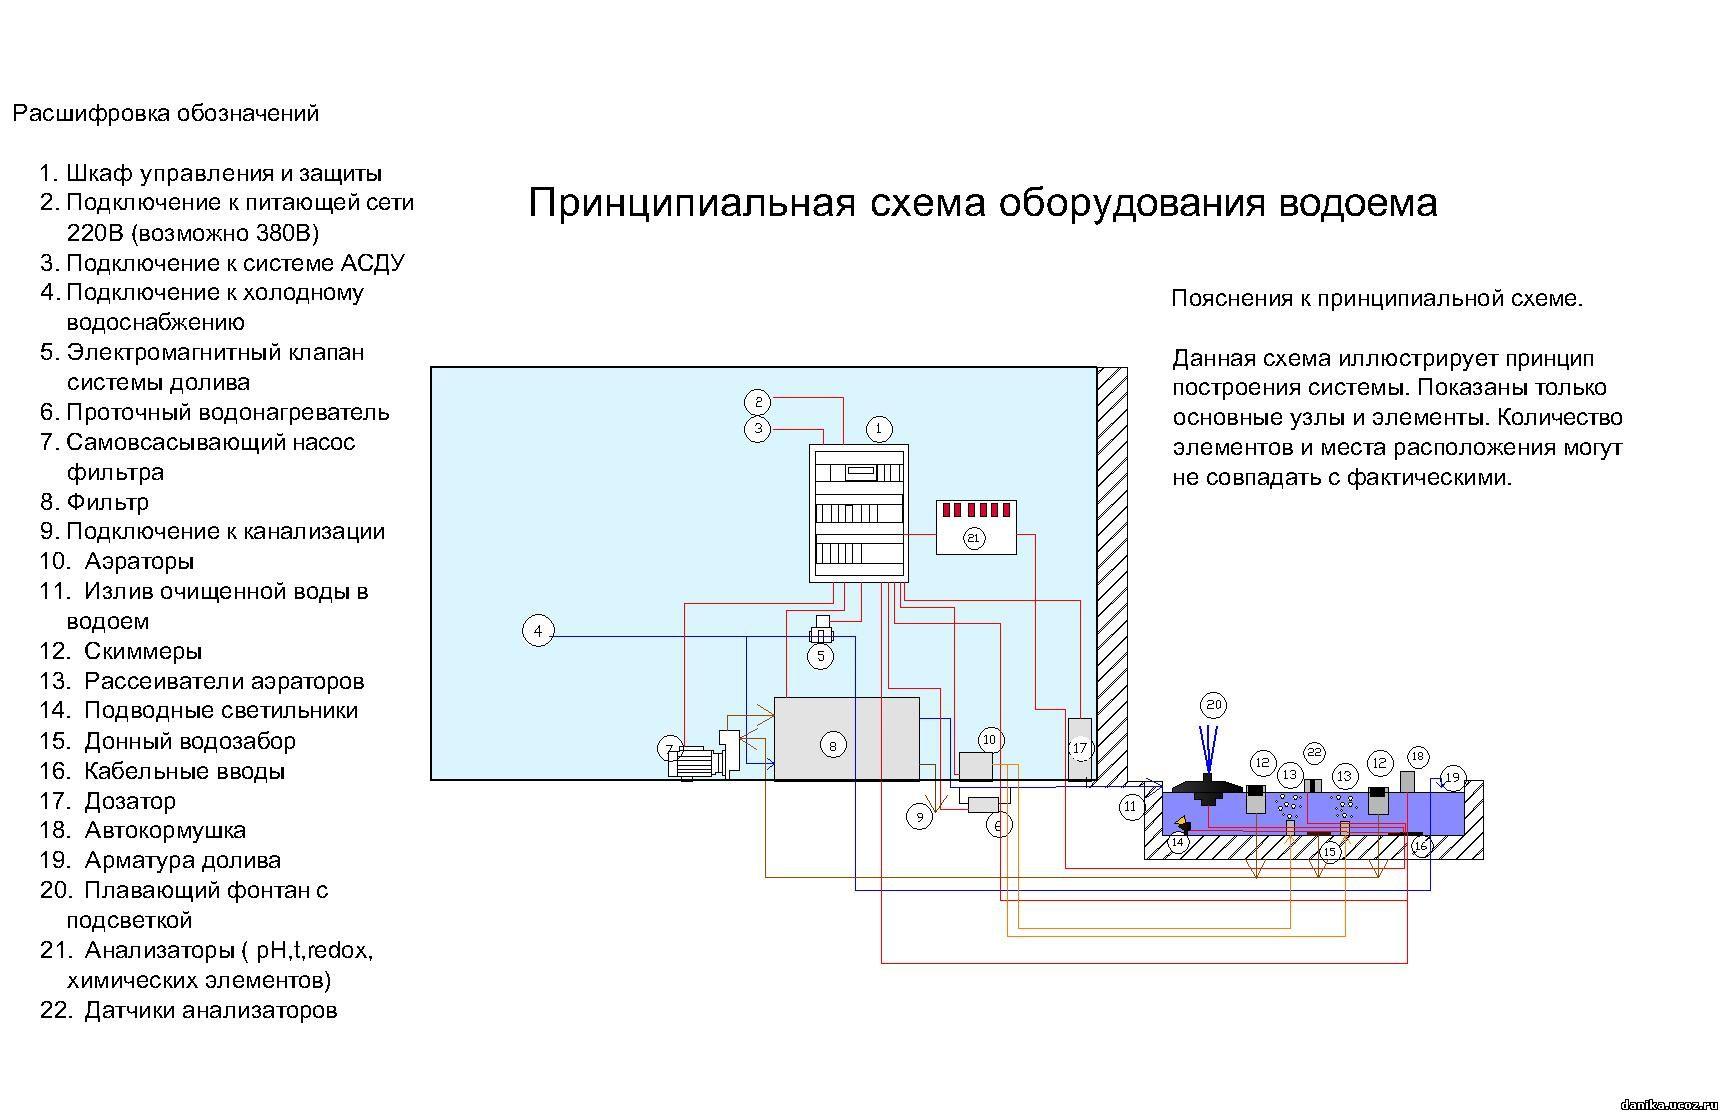 Электромагнитный фильтр схема